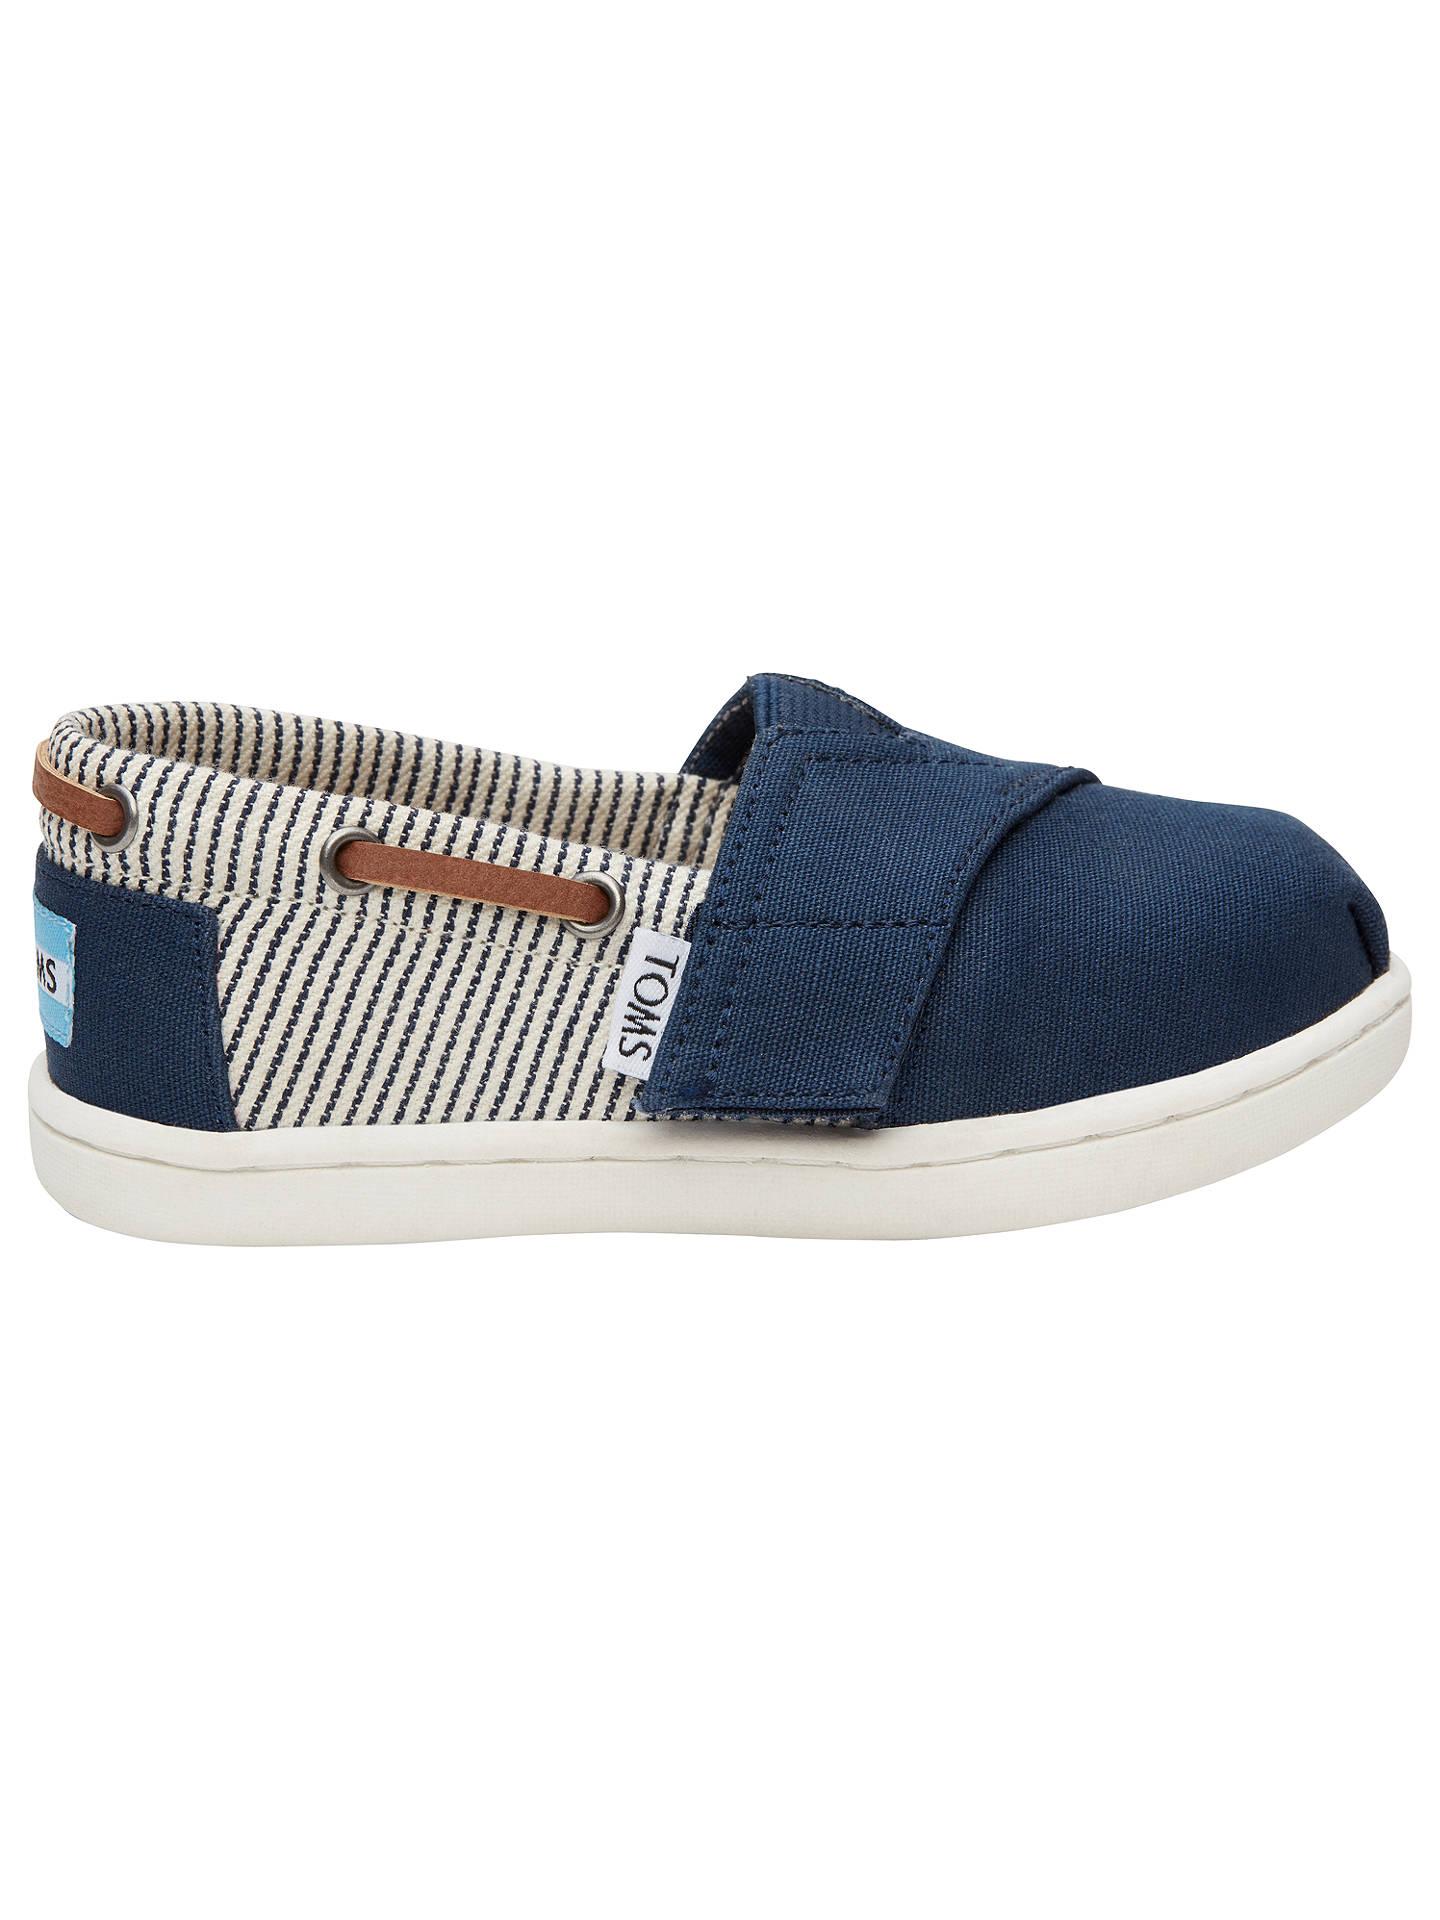 4bcc97311a0 Buy TOMS Children s Bimini Striped Canvas Shoes